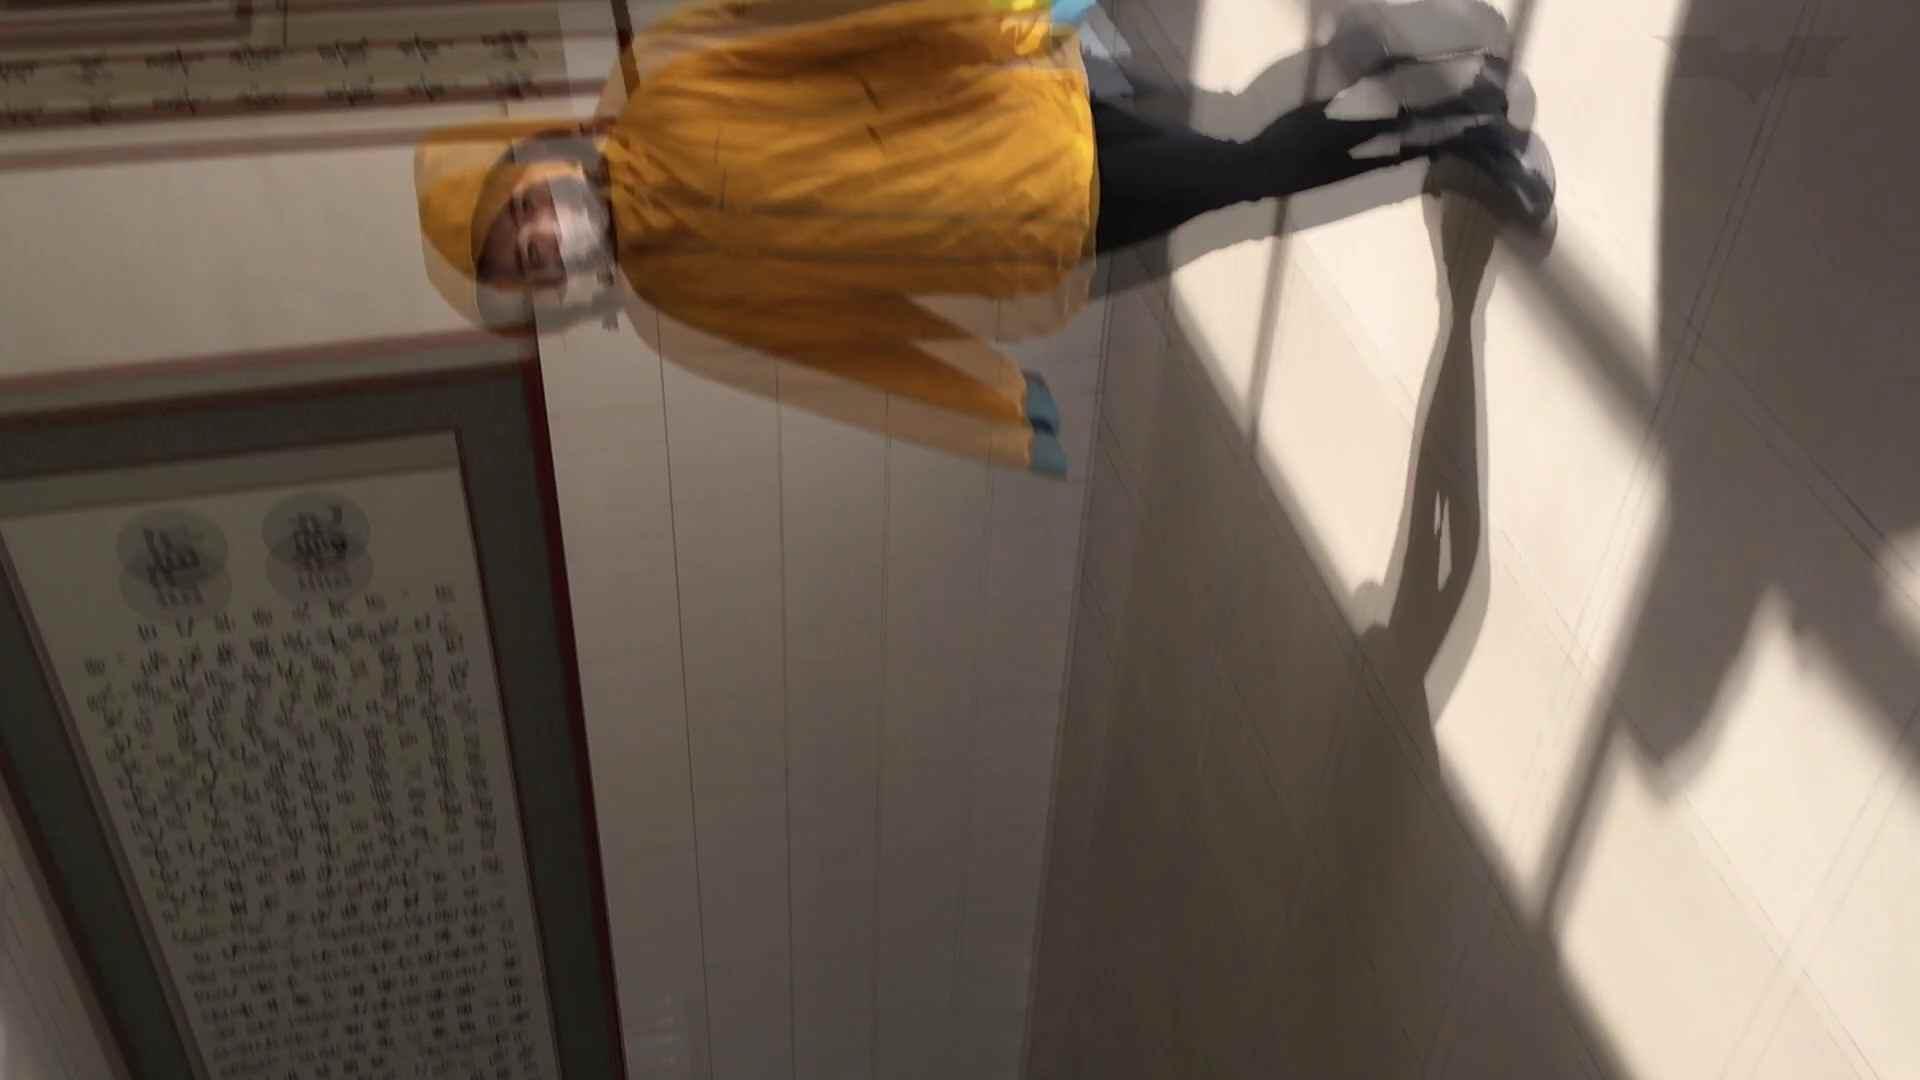 芸術大学ガチ潜入盗撮 JD盗撮 美女の洗面所の秘密 Vol.91 トイレの中の女の子 おまんこ動画流出 54連発 13